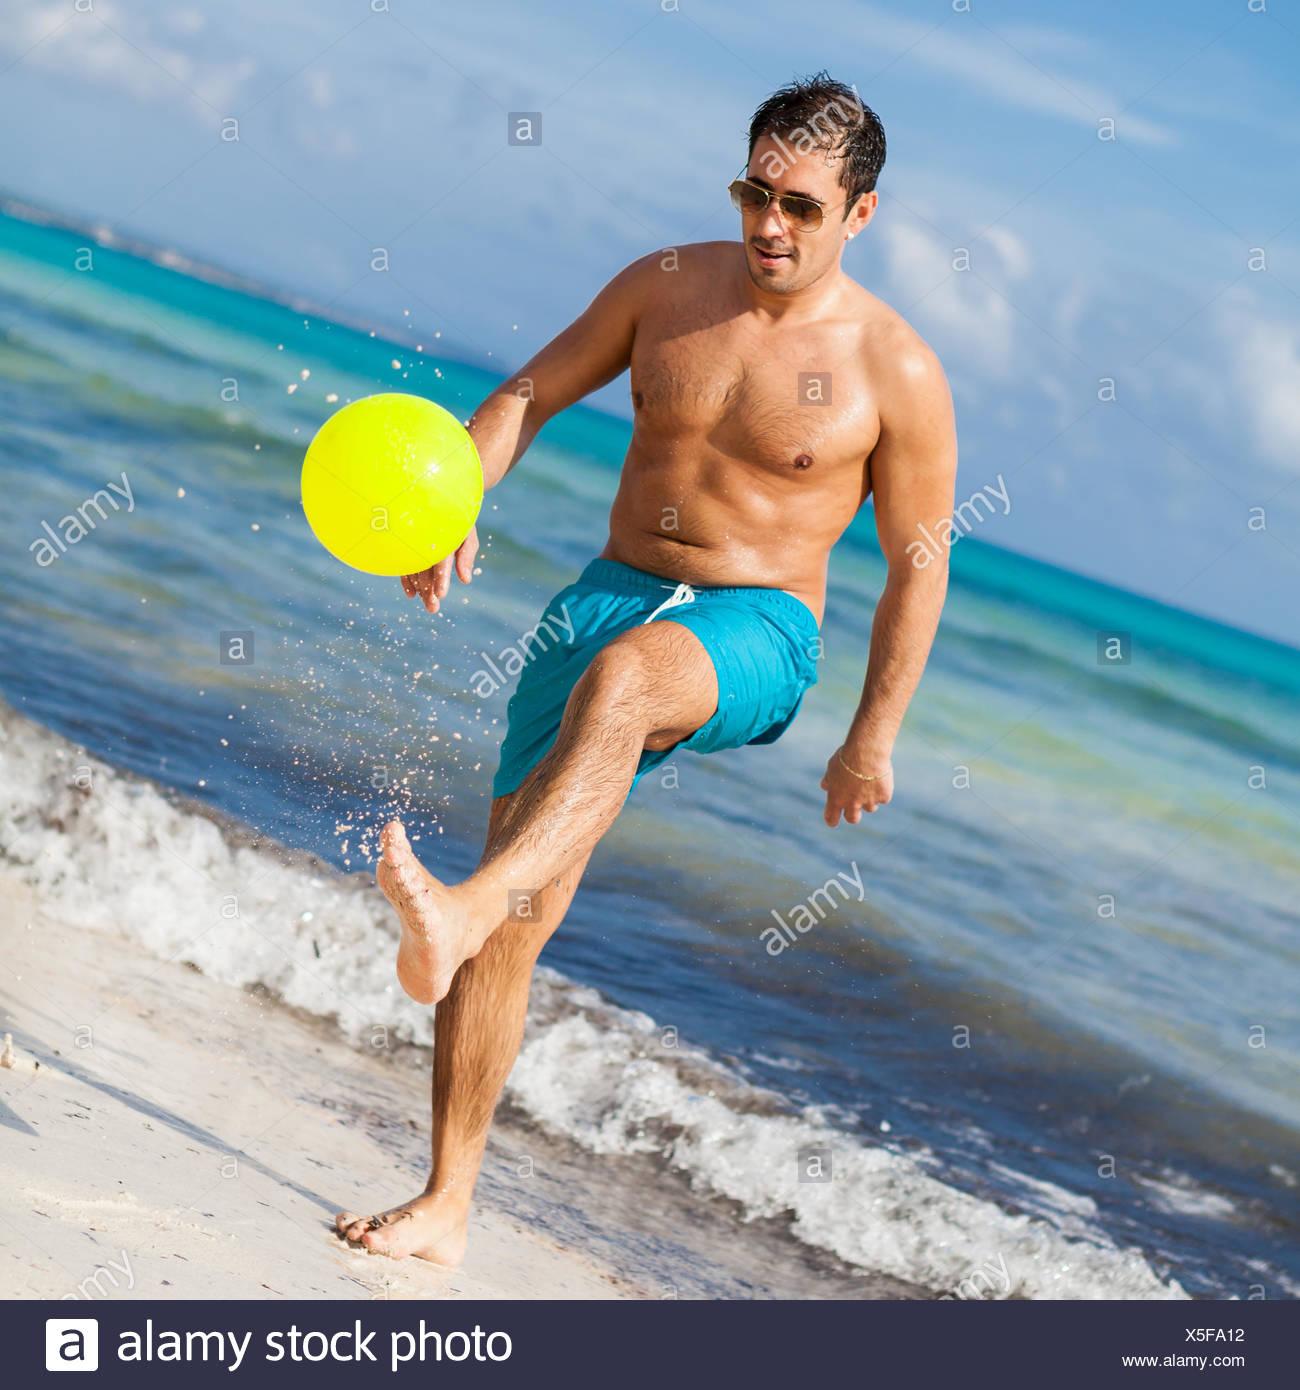 junger lachender mann spielt ball fußball am strand im sommer urlaub freizeit - Stock Image